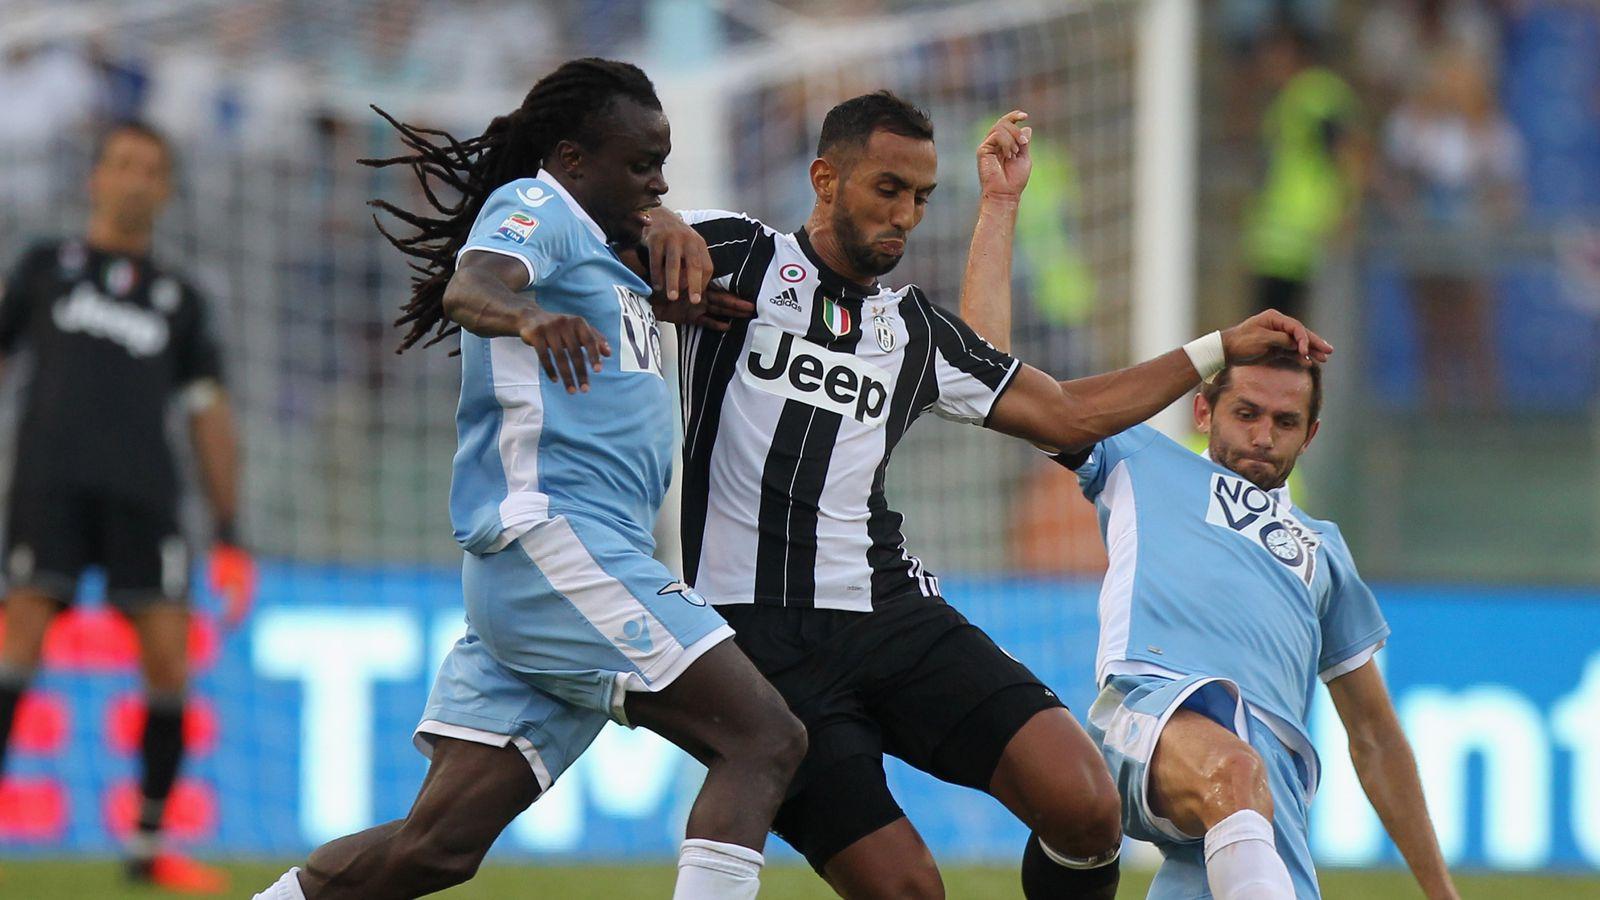 Juventus Football Club SpA Via Druento 175 10151 Torino Italia CONTACT CENTER 899999897 dal lunedì al venerdì dalle 9 alle 19 e il sabato dalle 9 alle 13